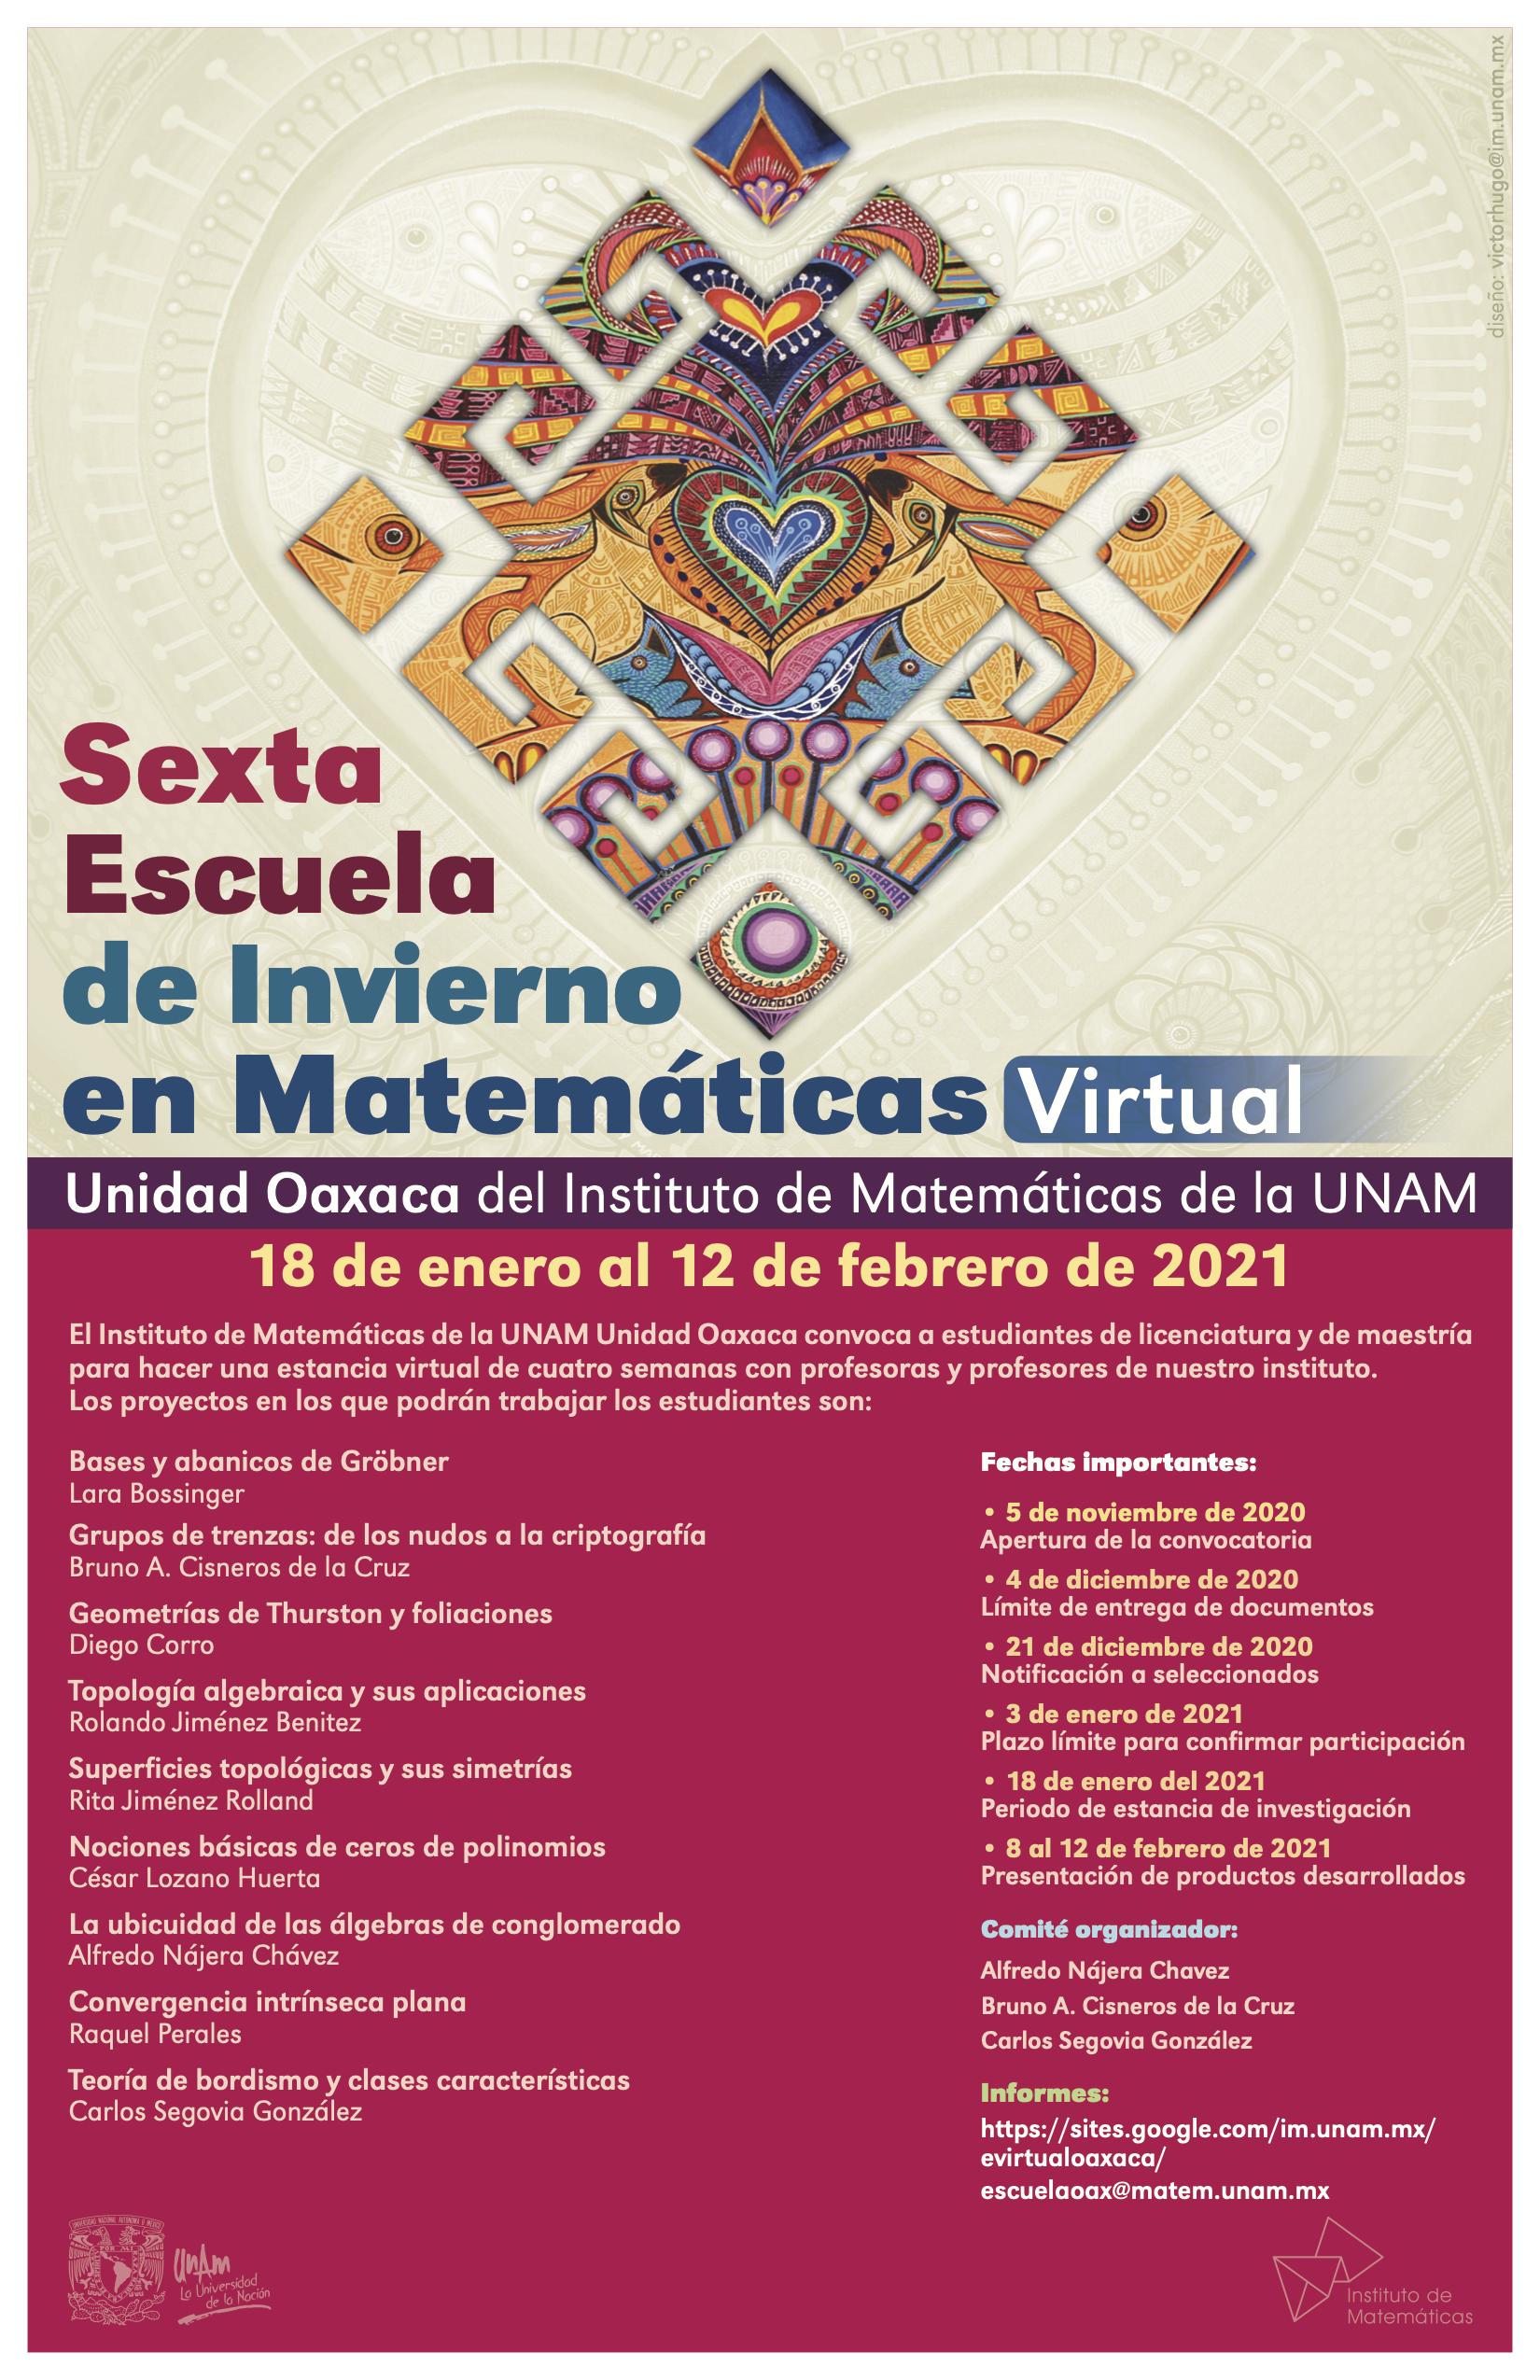 Sexta Escuela de Invierno de Matemáticas en Oaxaca - Virtual -